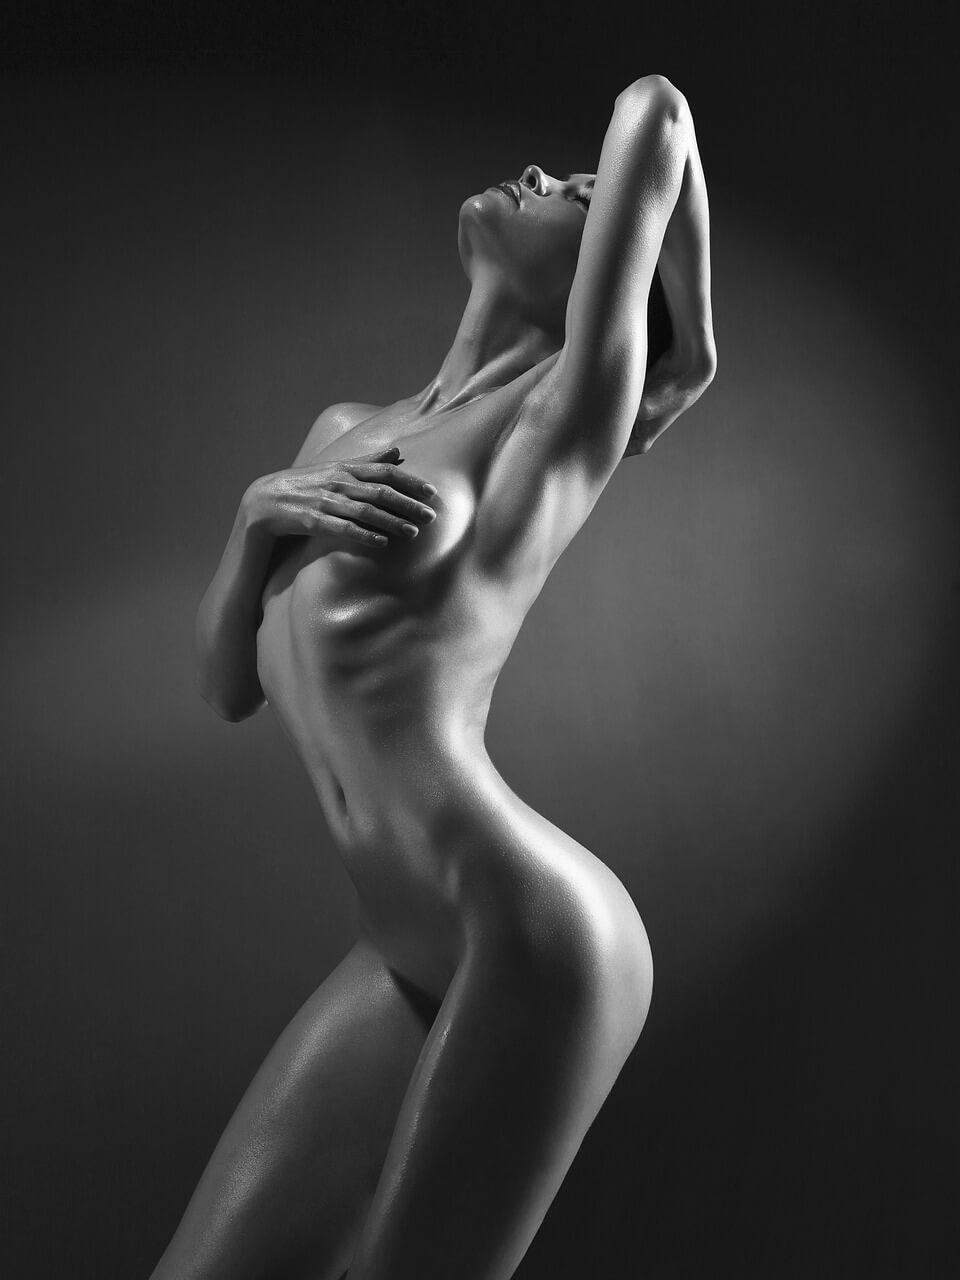 nudo-bianco-nero